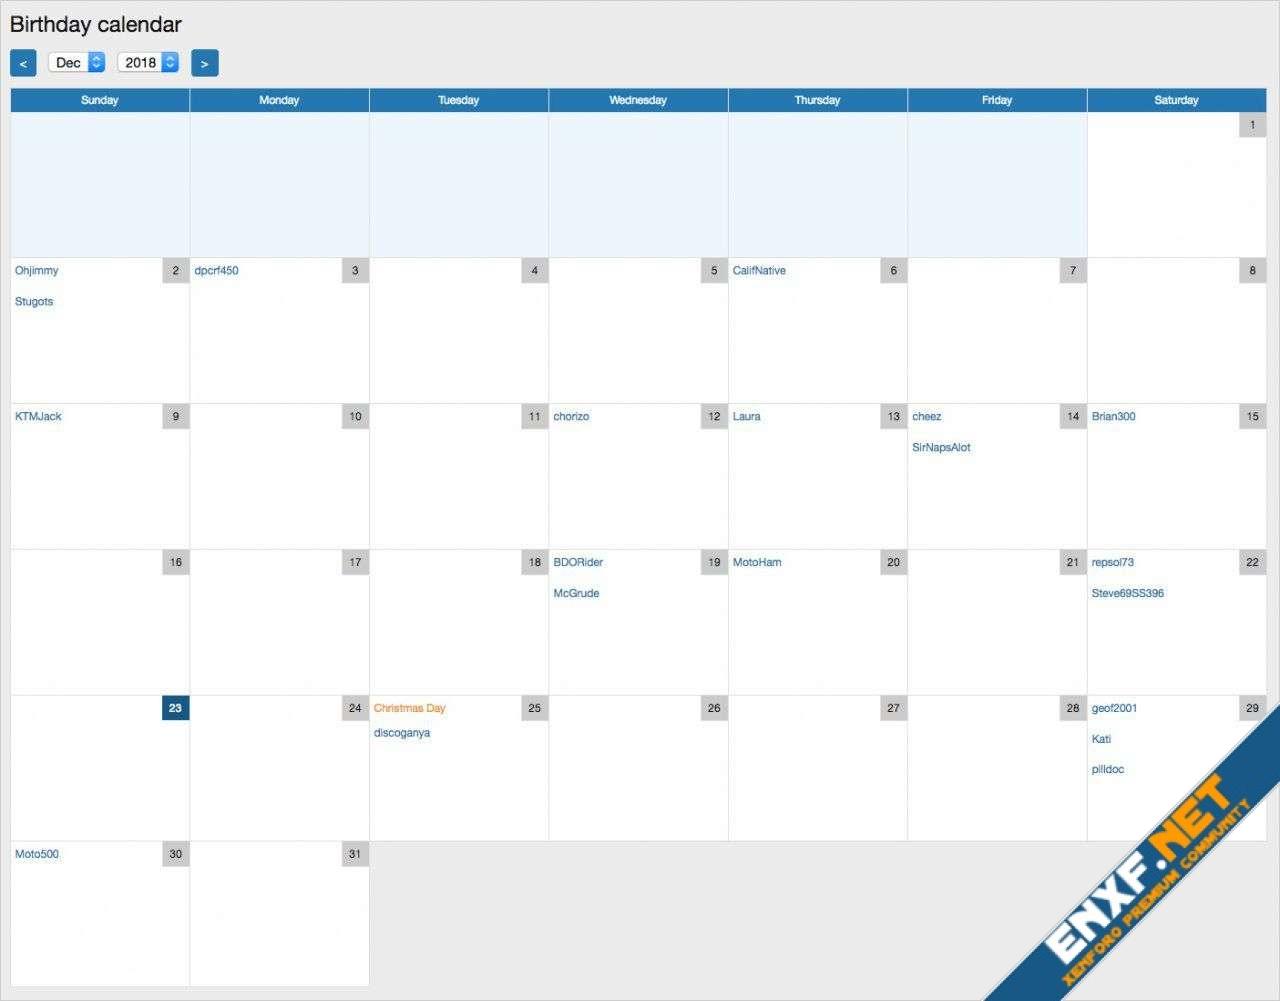 birthday-calendar-1.jpg